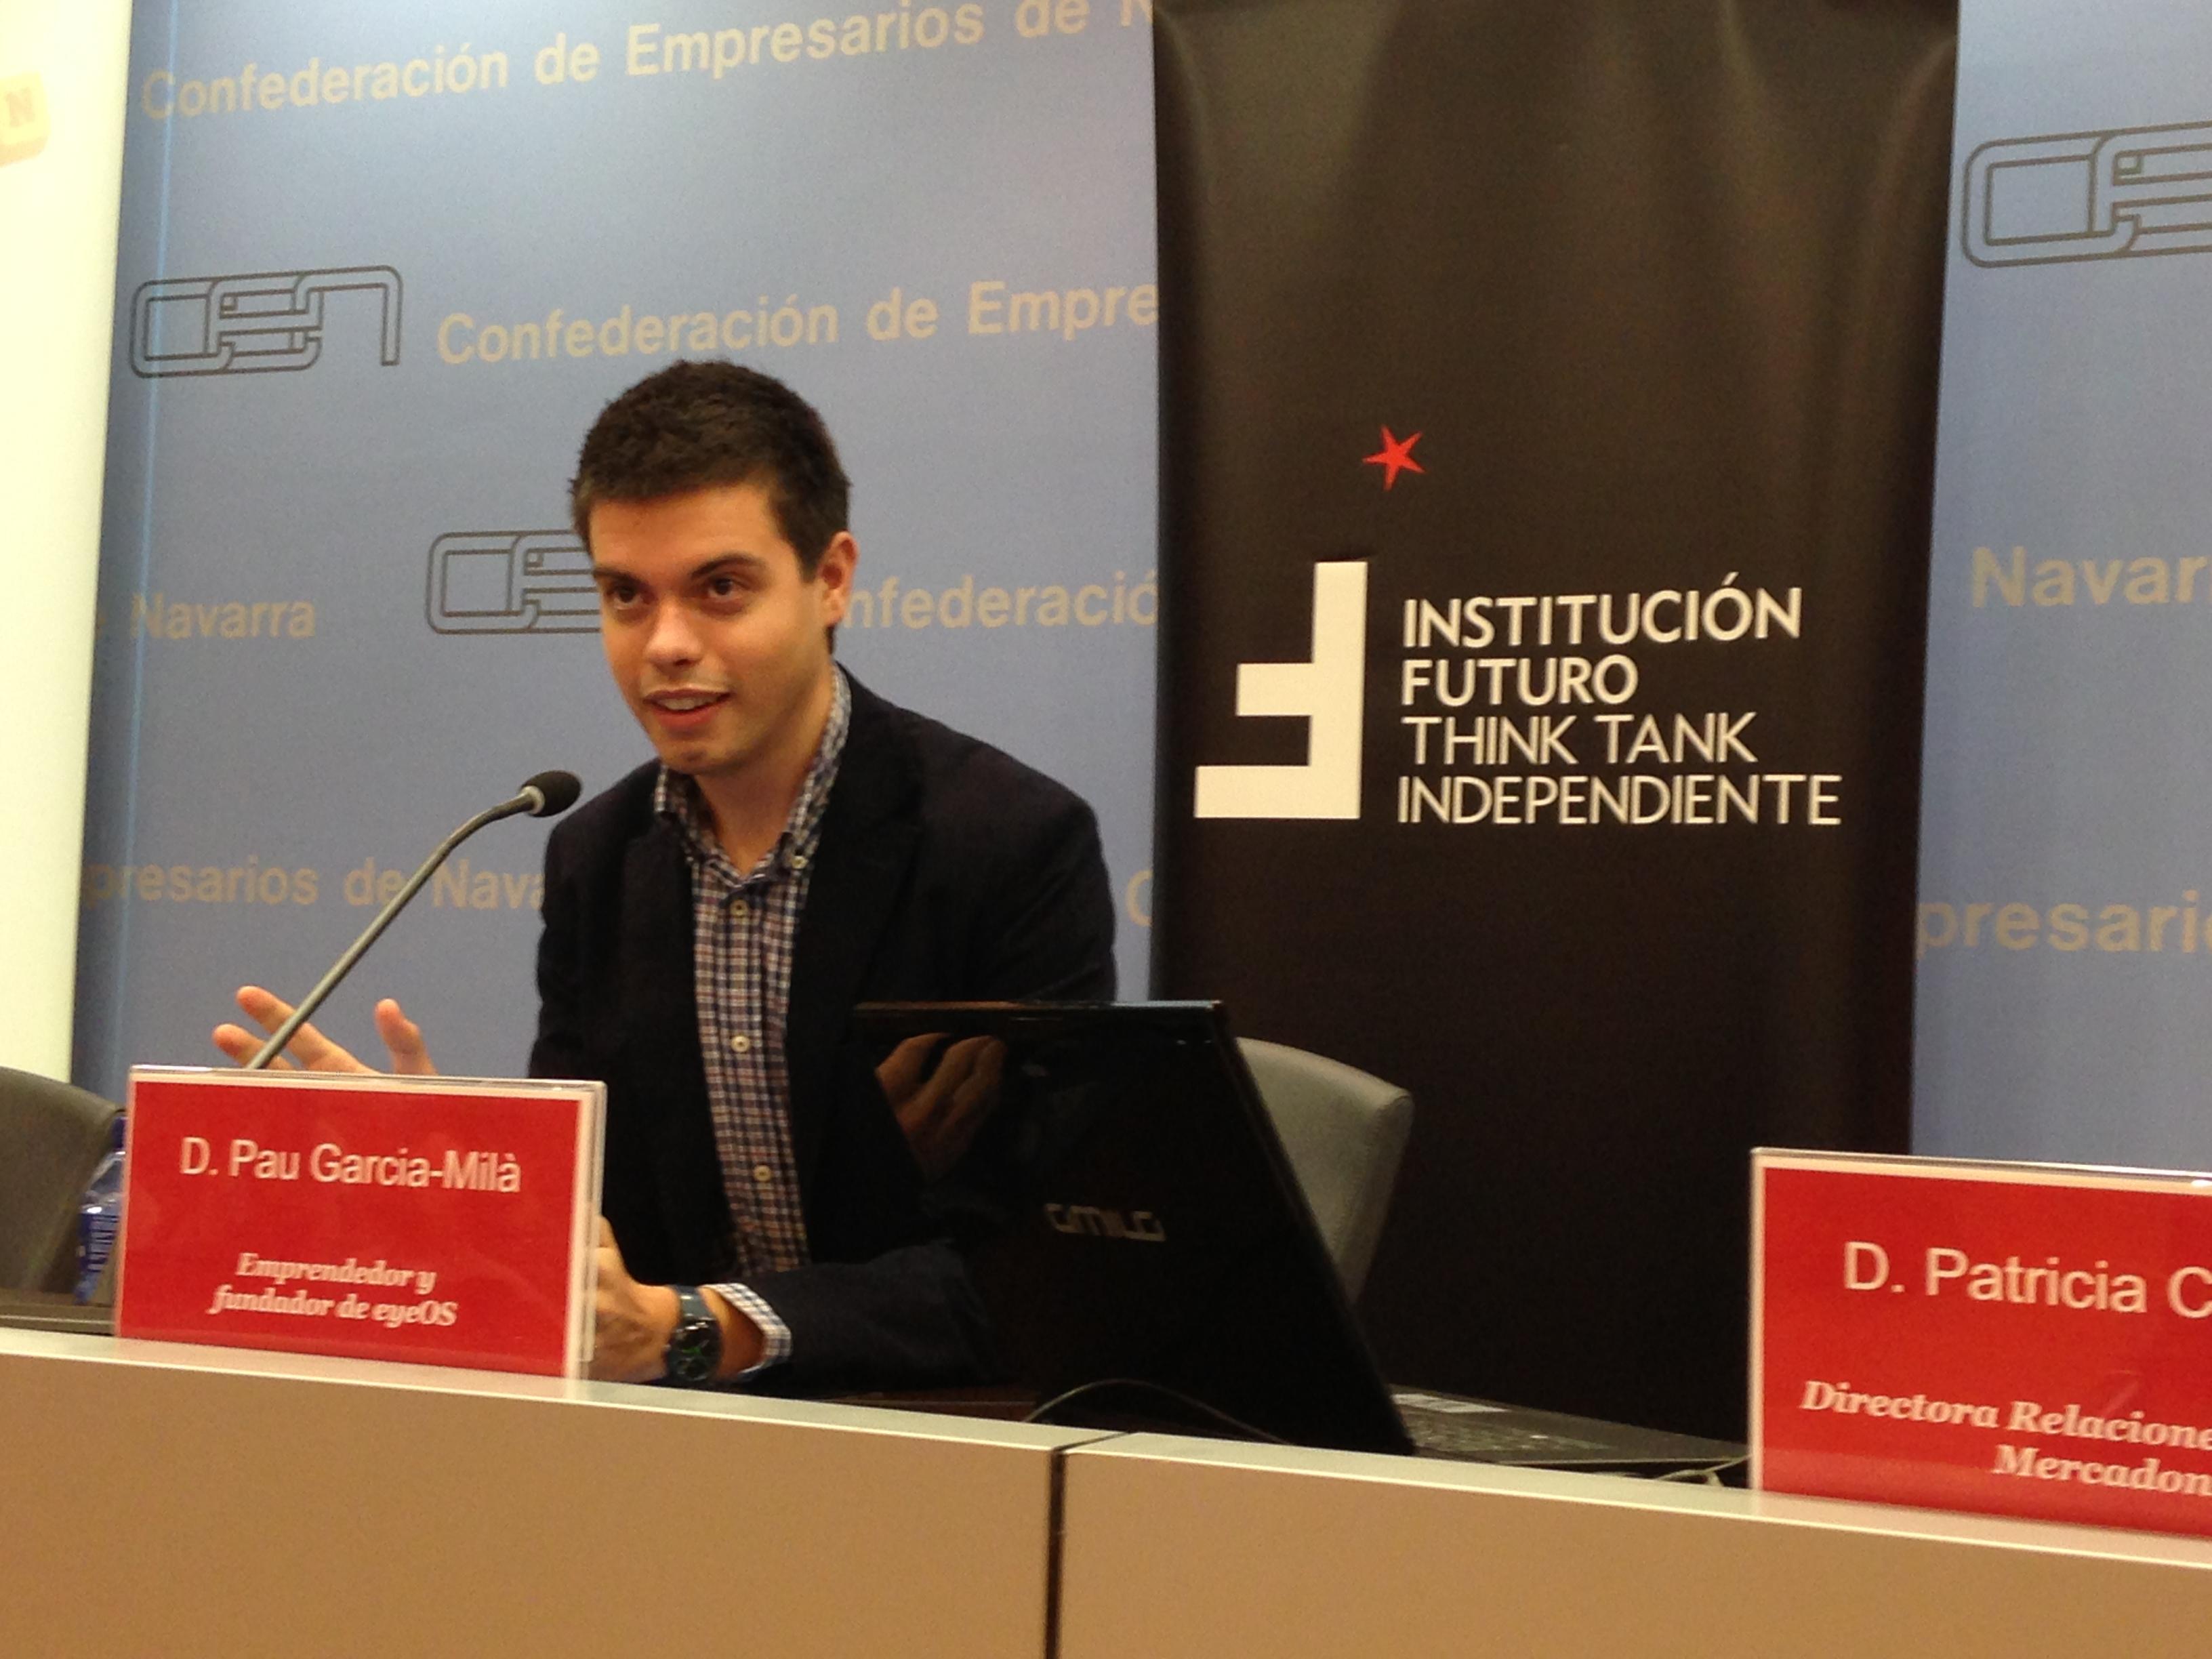 Coloquio sobre emprendimiento con Pau Garcia-Milà y con la experiencia de Mercadona